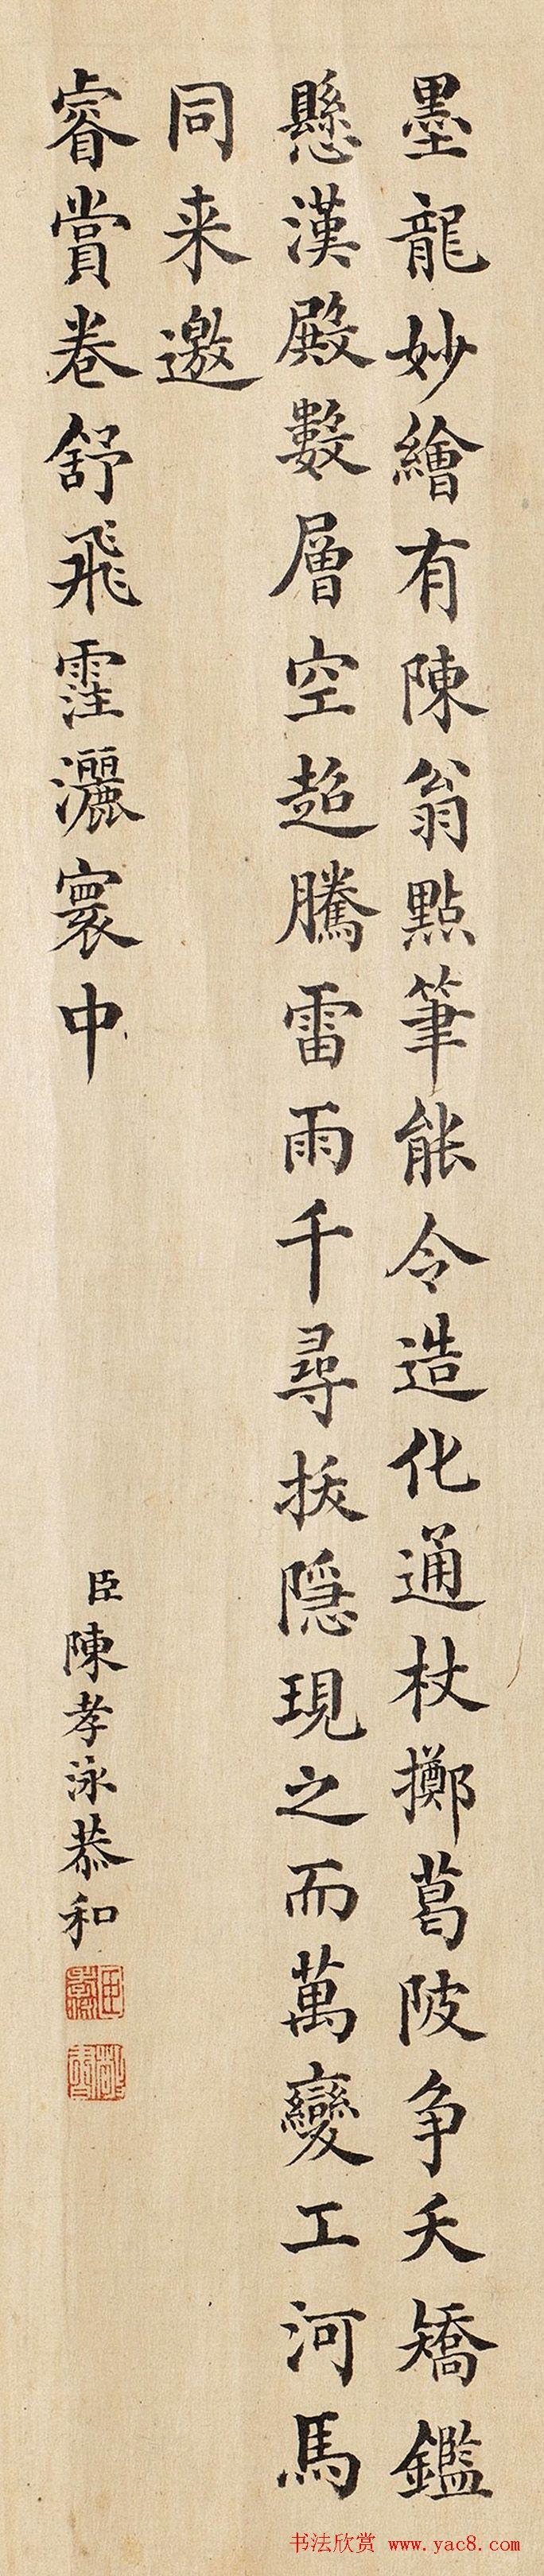 刘统勋等8位大臣书法恭和乾隆题《九龙图》